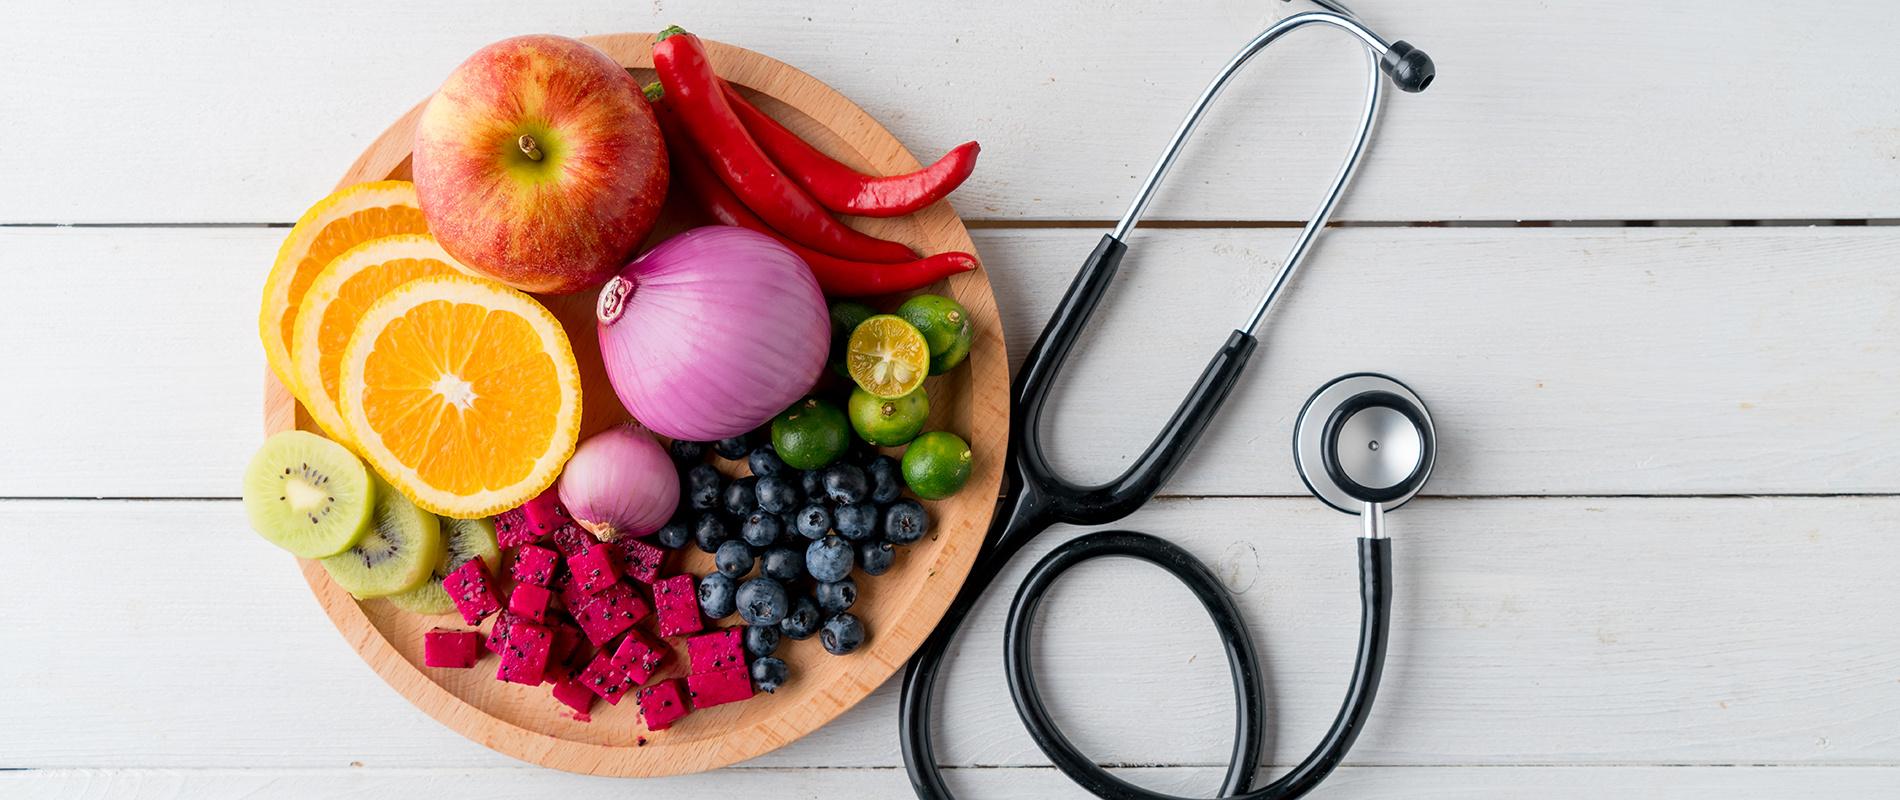 magas vérnyomás esetén nem ajánlott ételek